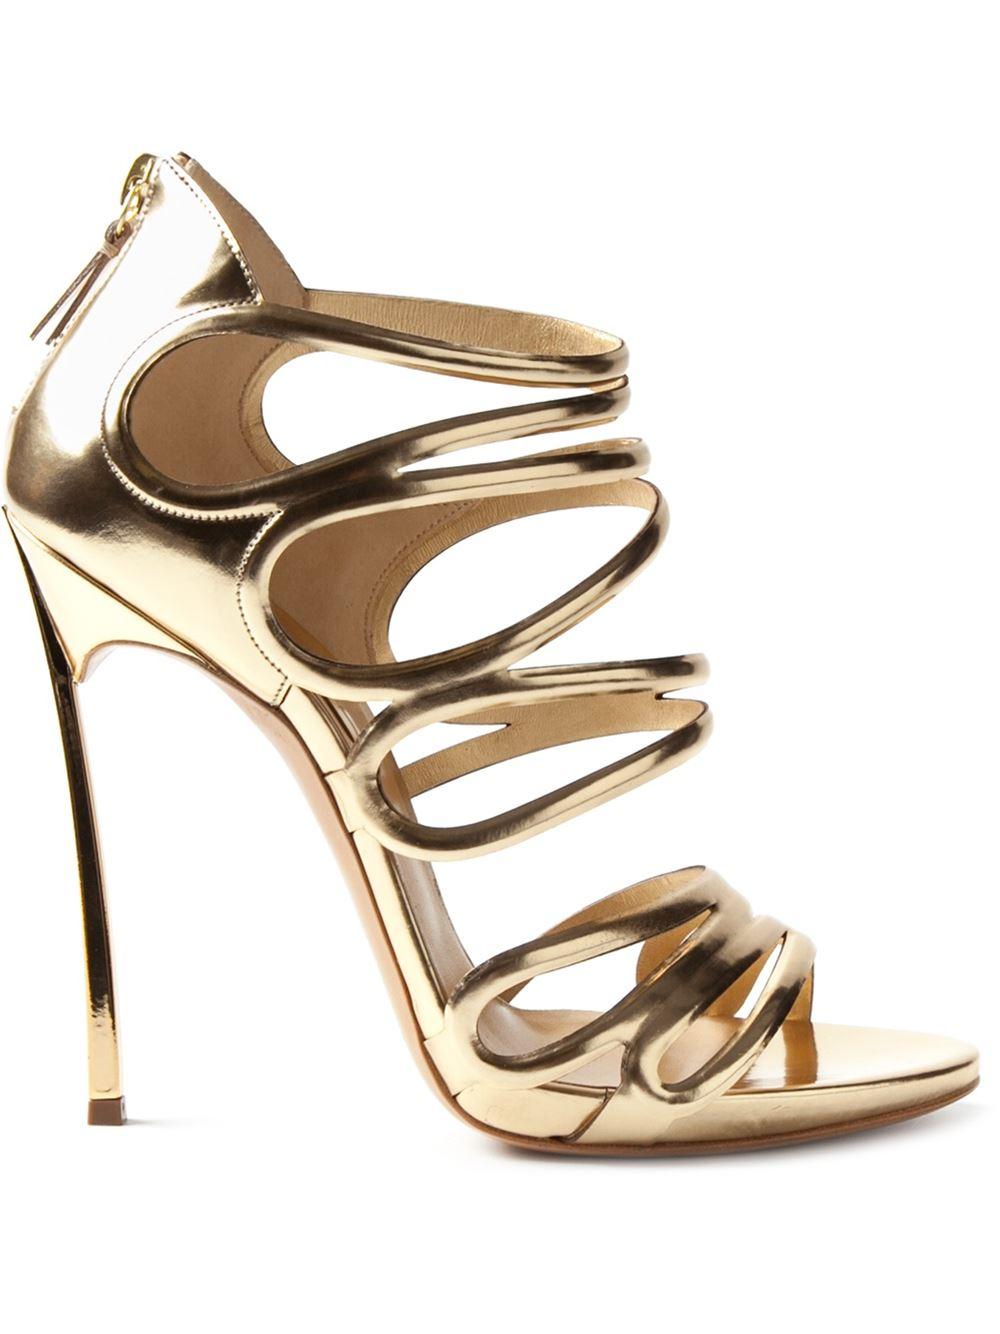 Casadei 'blade' sandals